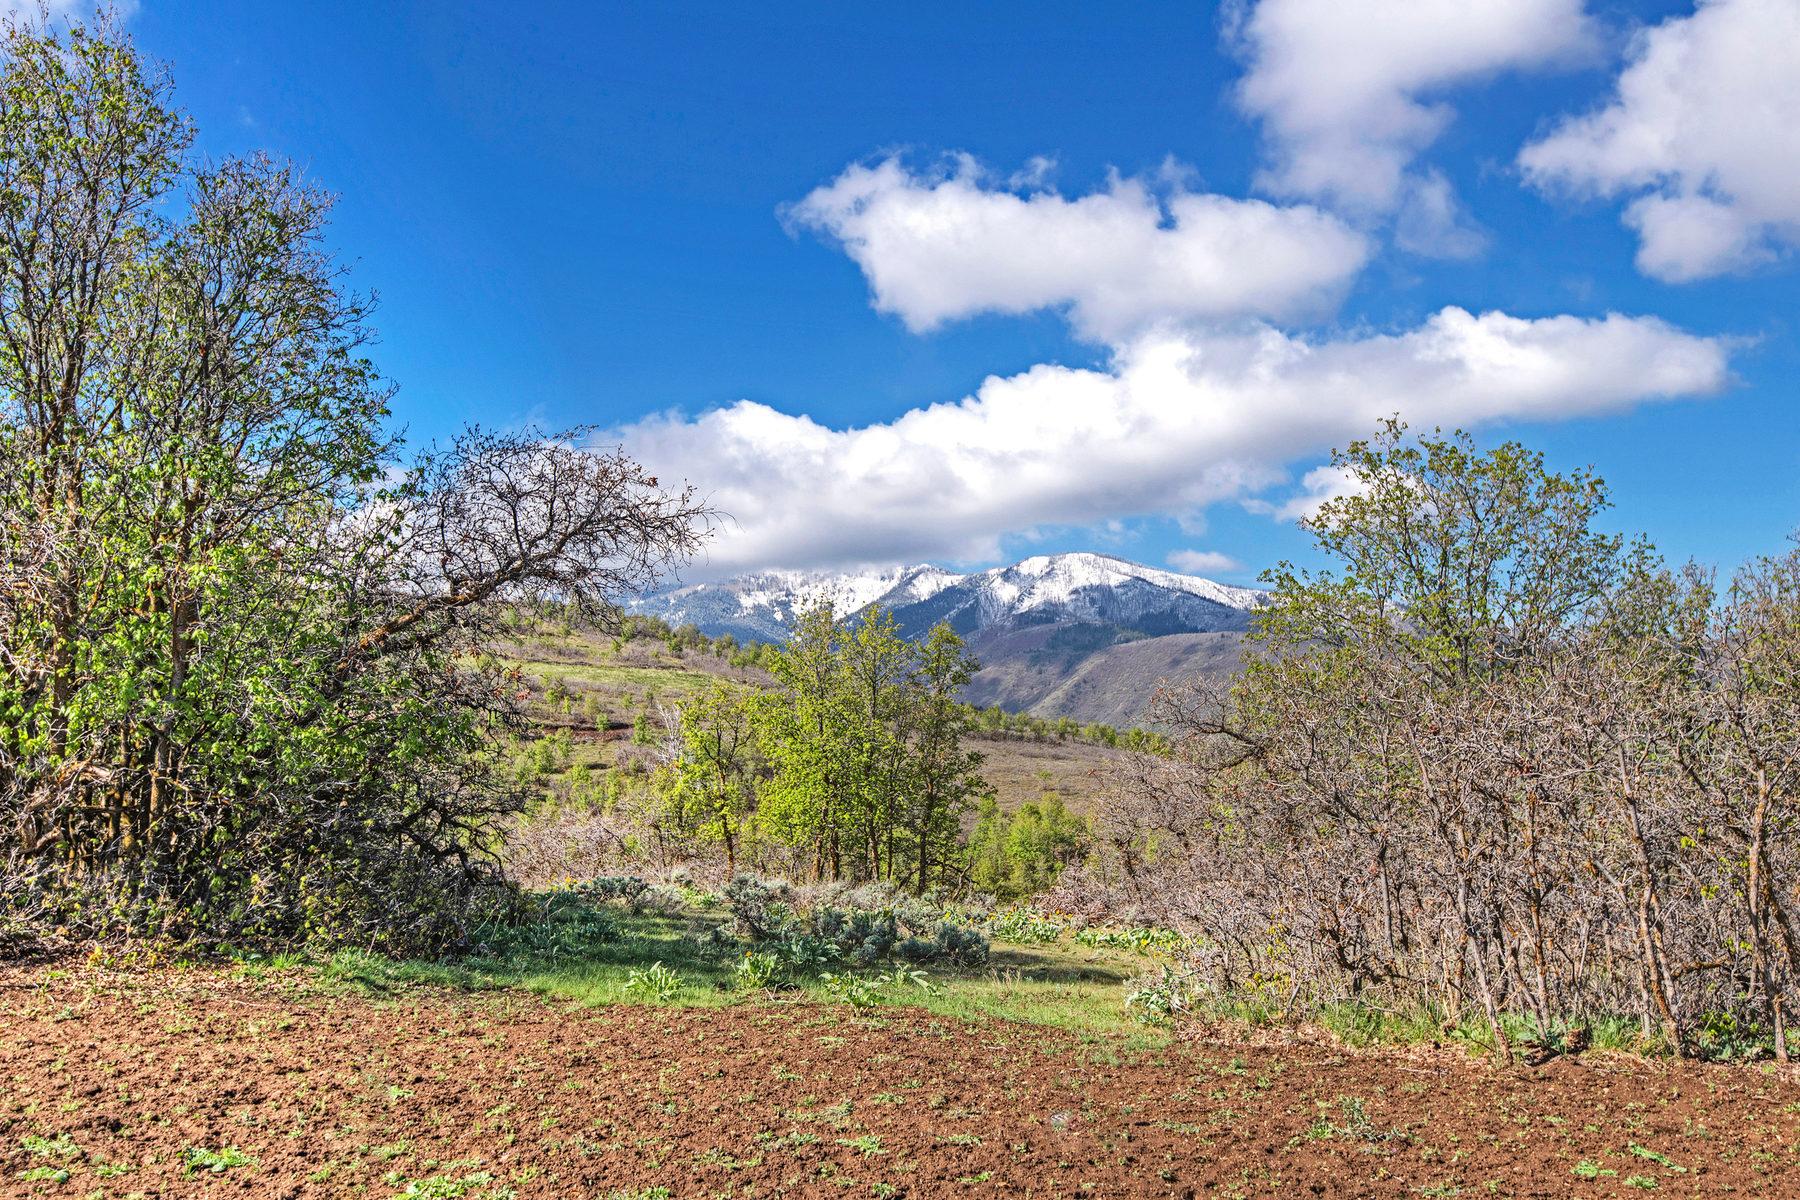 Terreno por un Venta en Prime Lot in Summit Creek 748 S Summit Creek Dr Lot 20 Woodland Hills, Utah, 84653 Estados Unidos